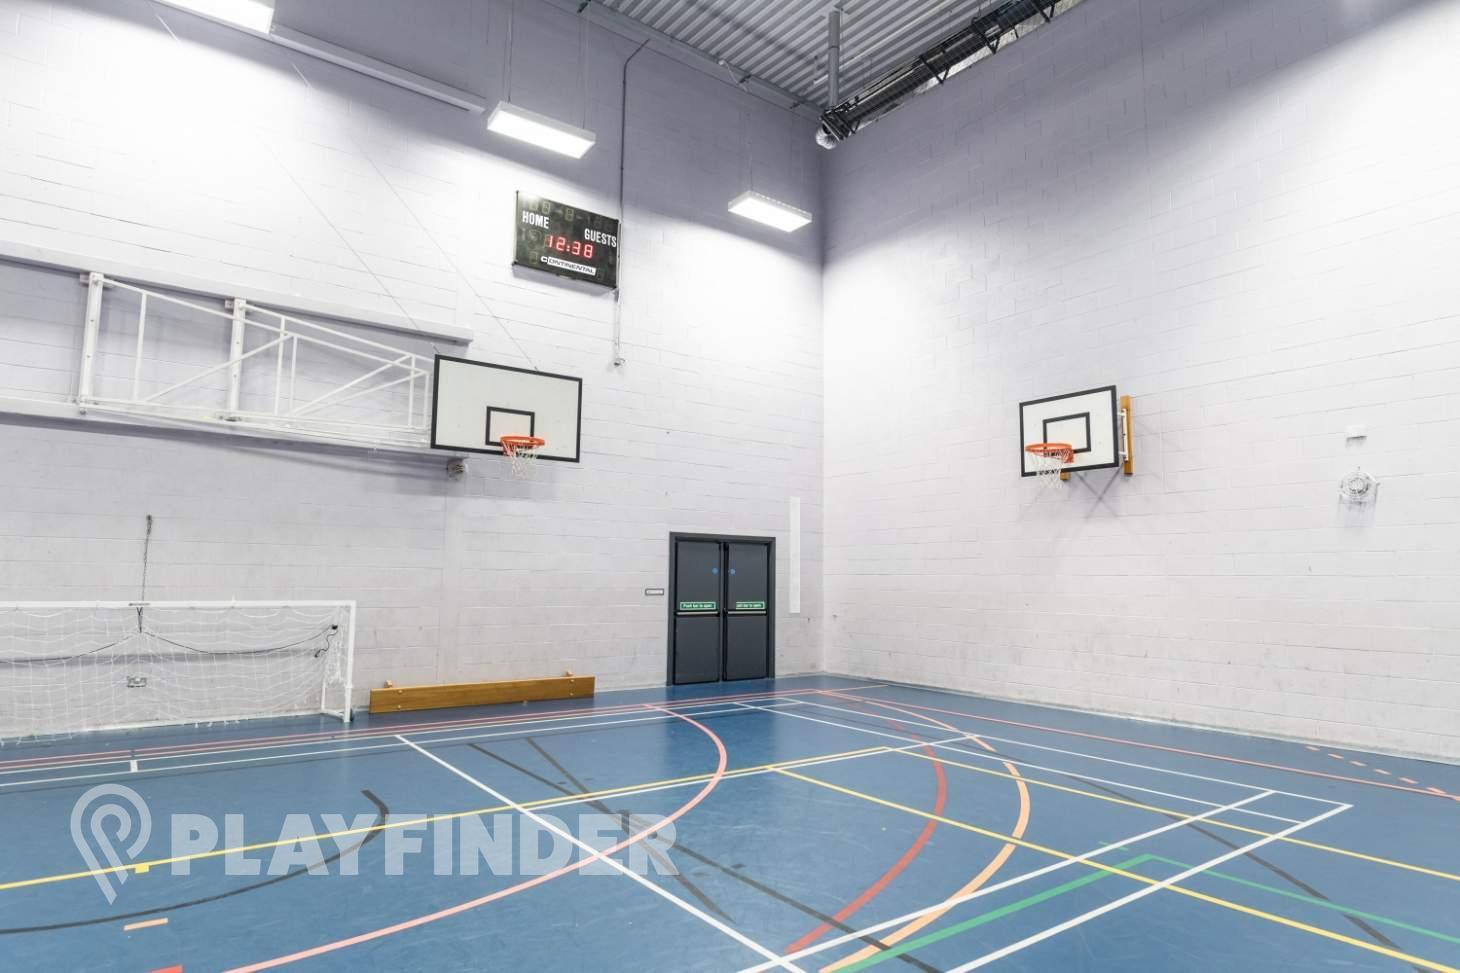 Harrop Fold School Indoor basketball court